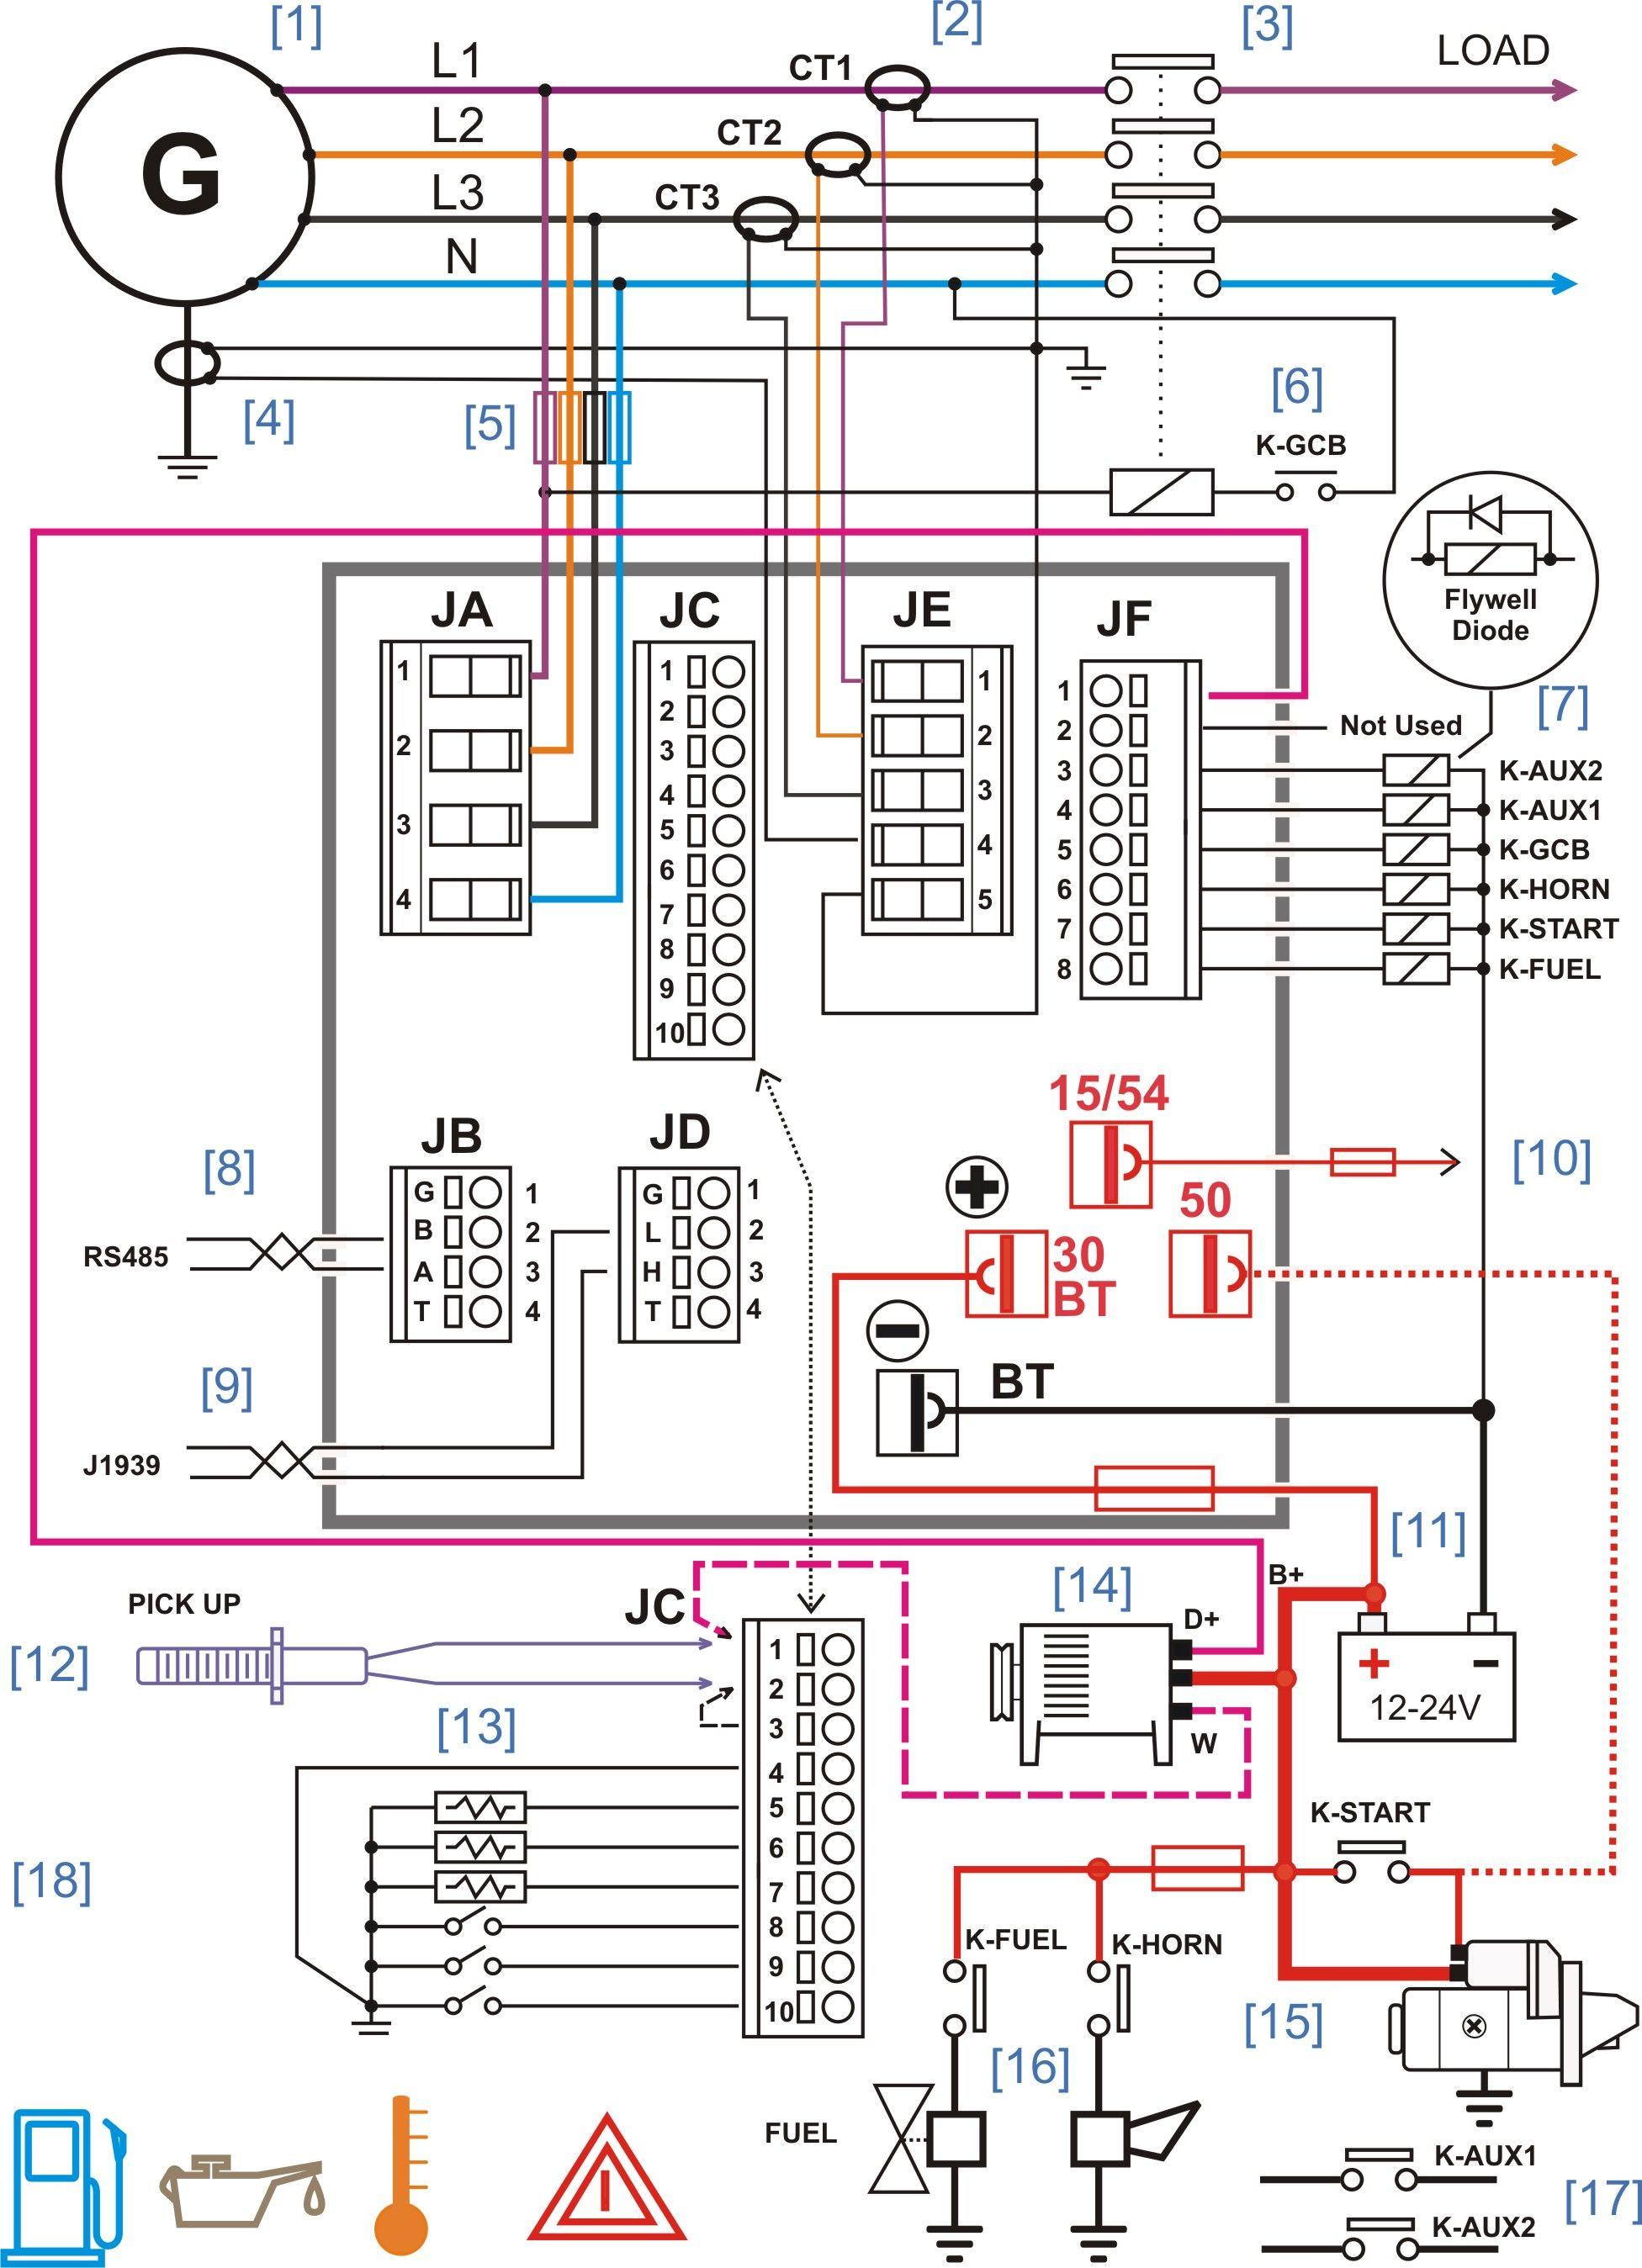 Diesel Generator Control Panel Wiring Diagram | Diesel